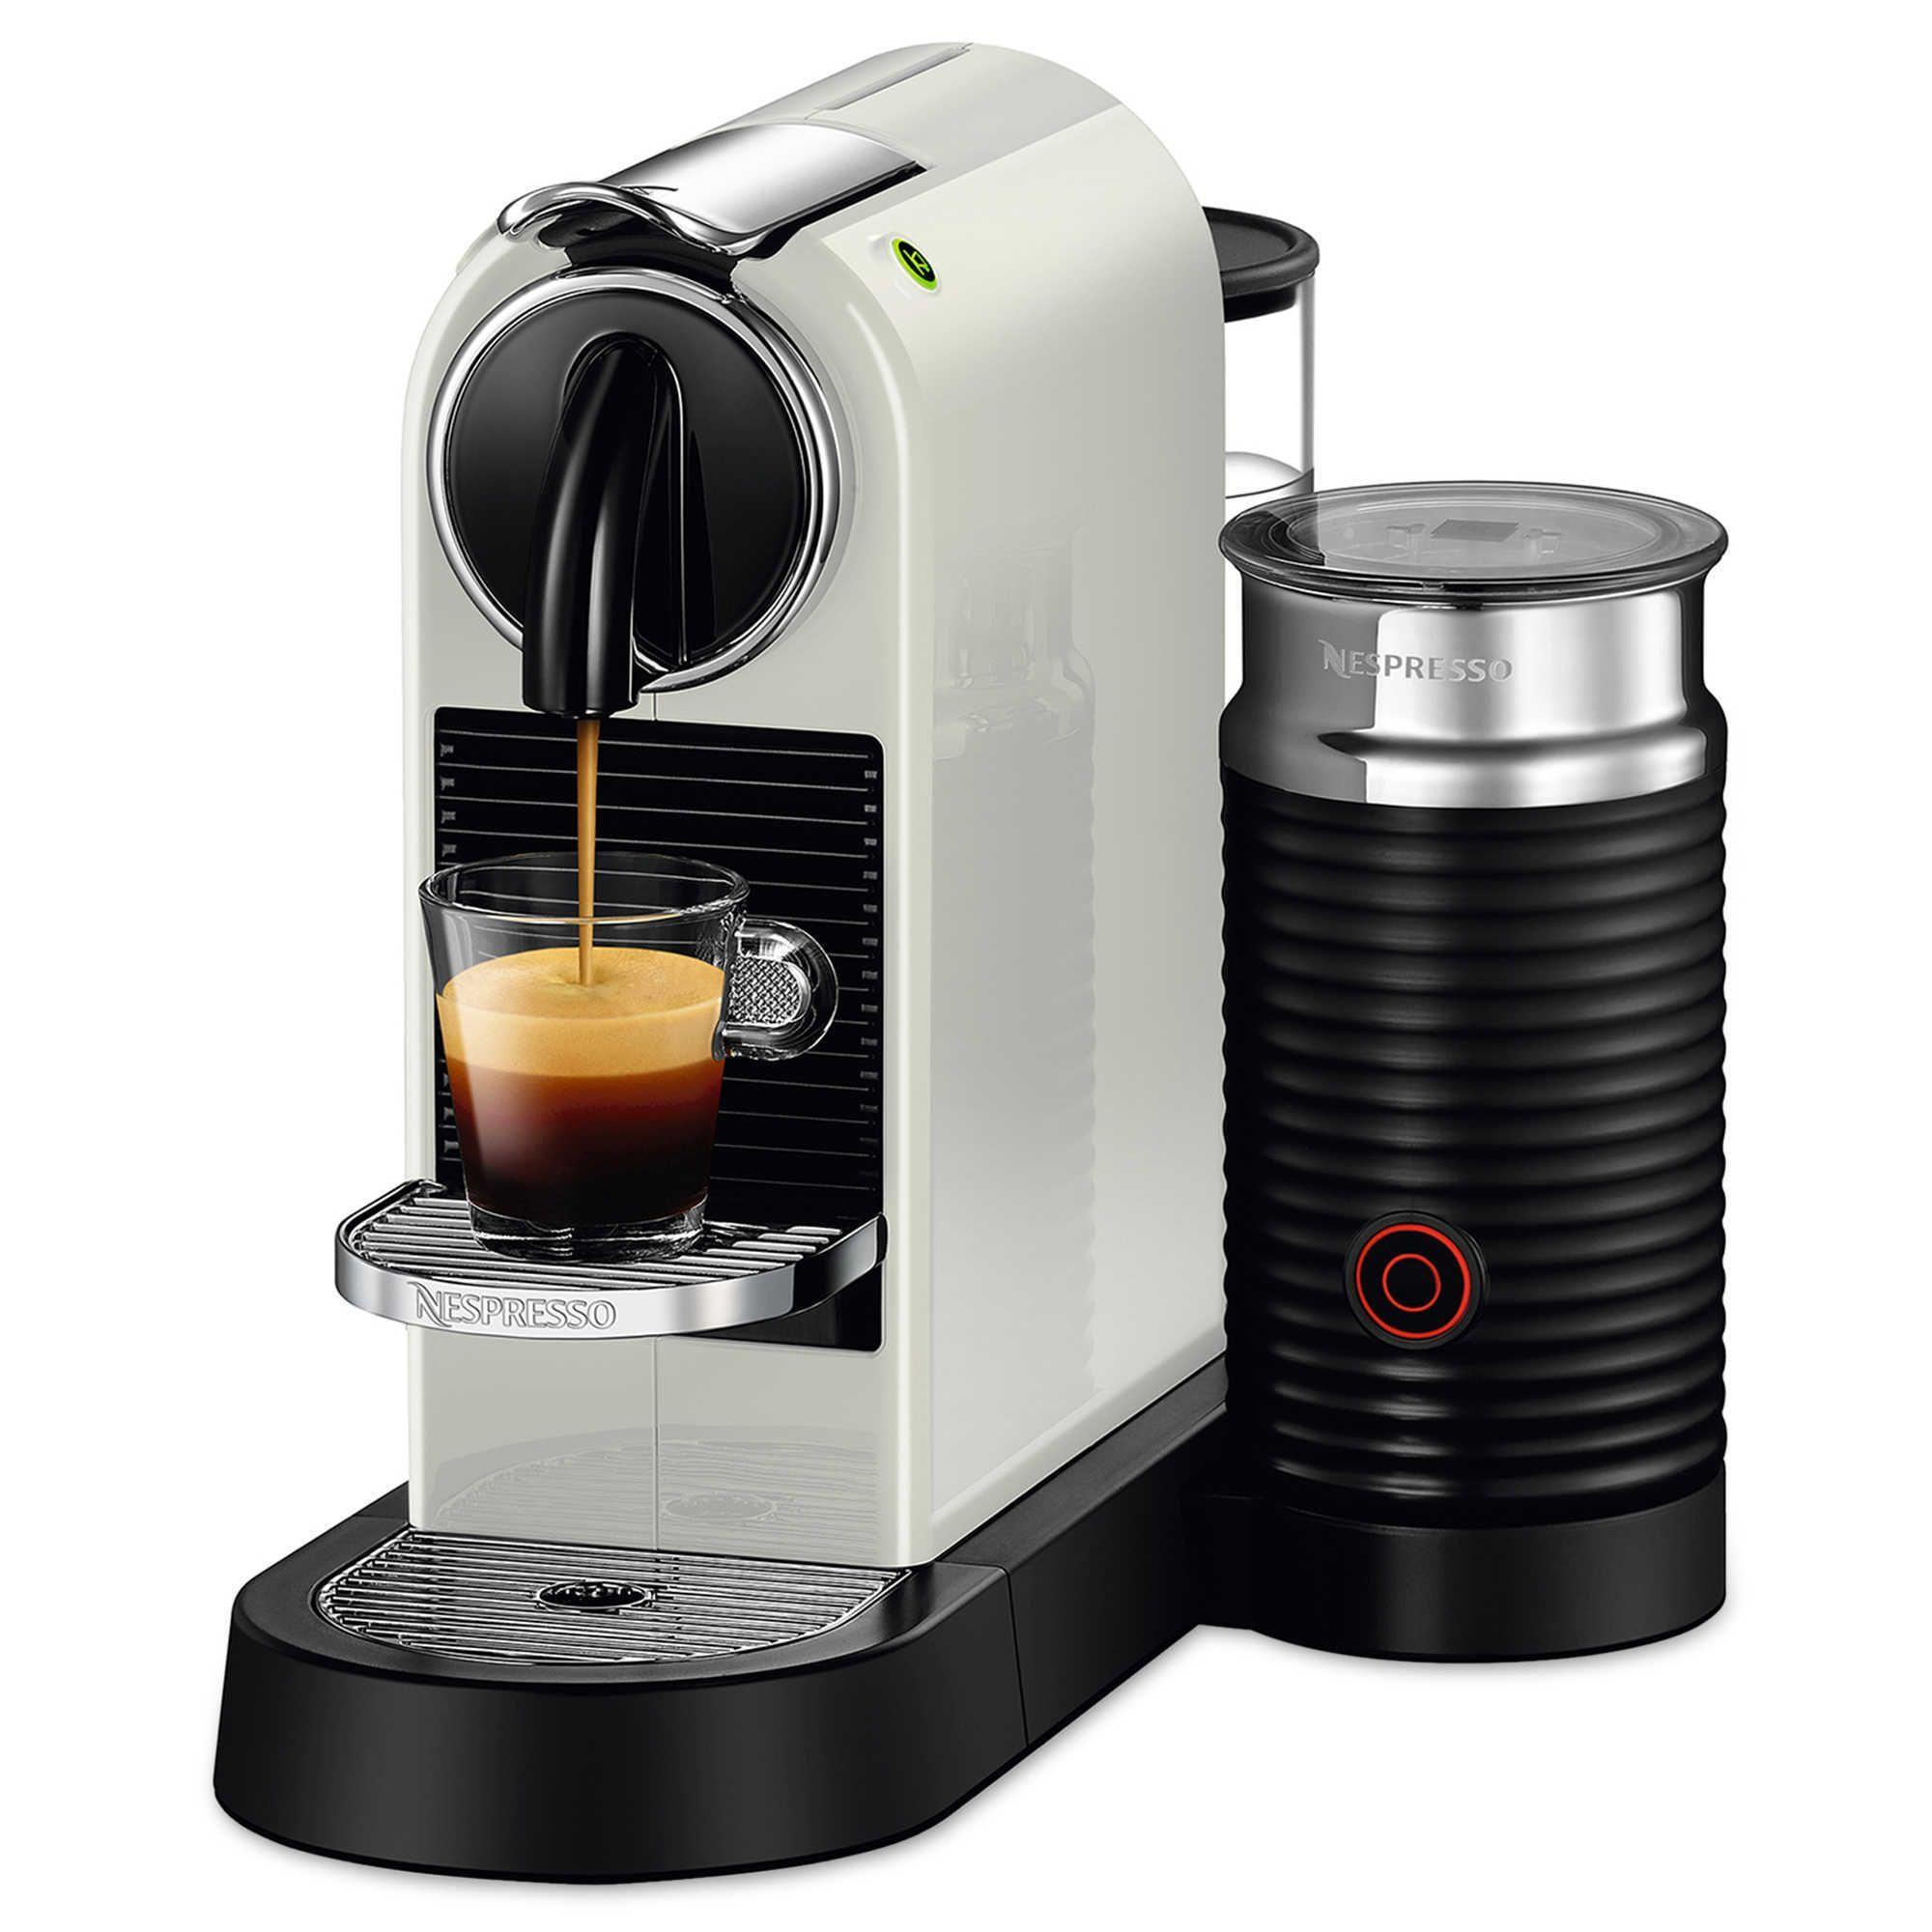 Nespresso Citiz and Milk White Frother and Espresso